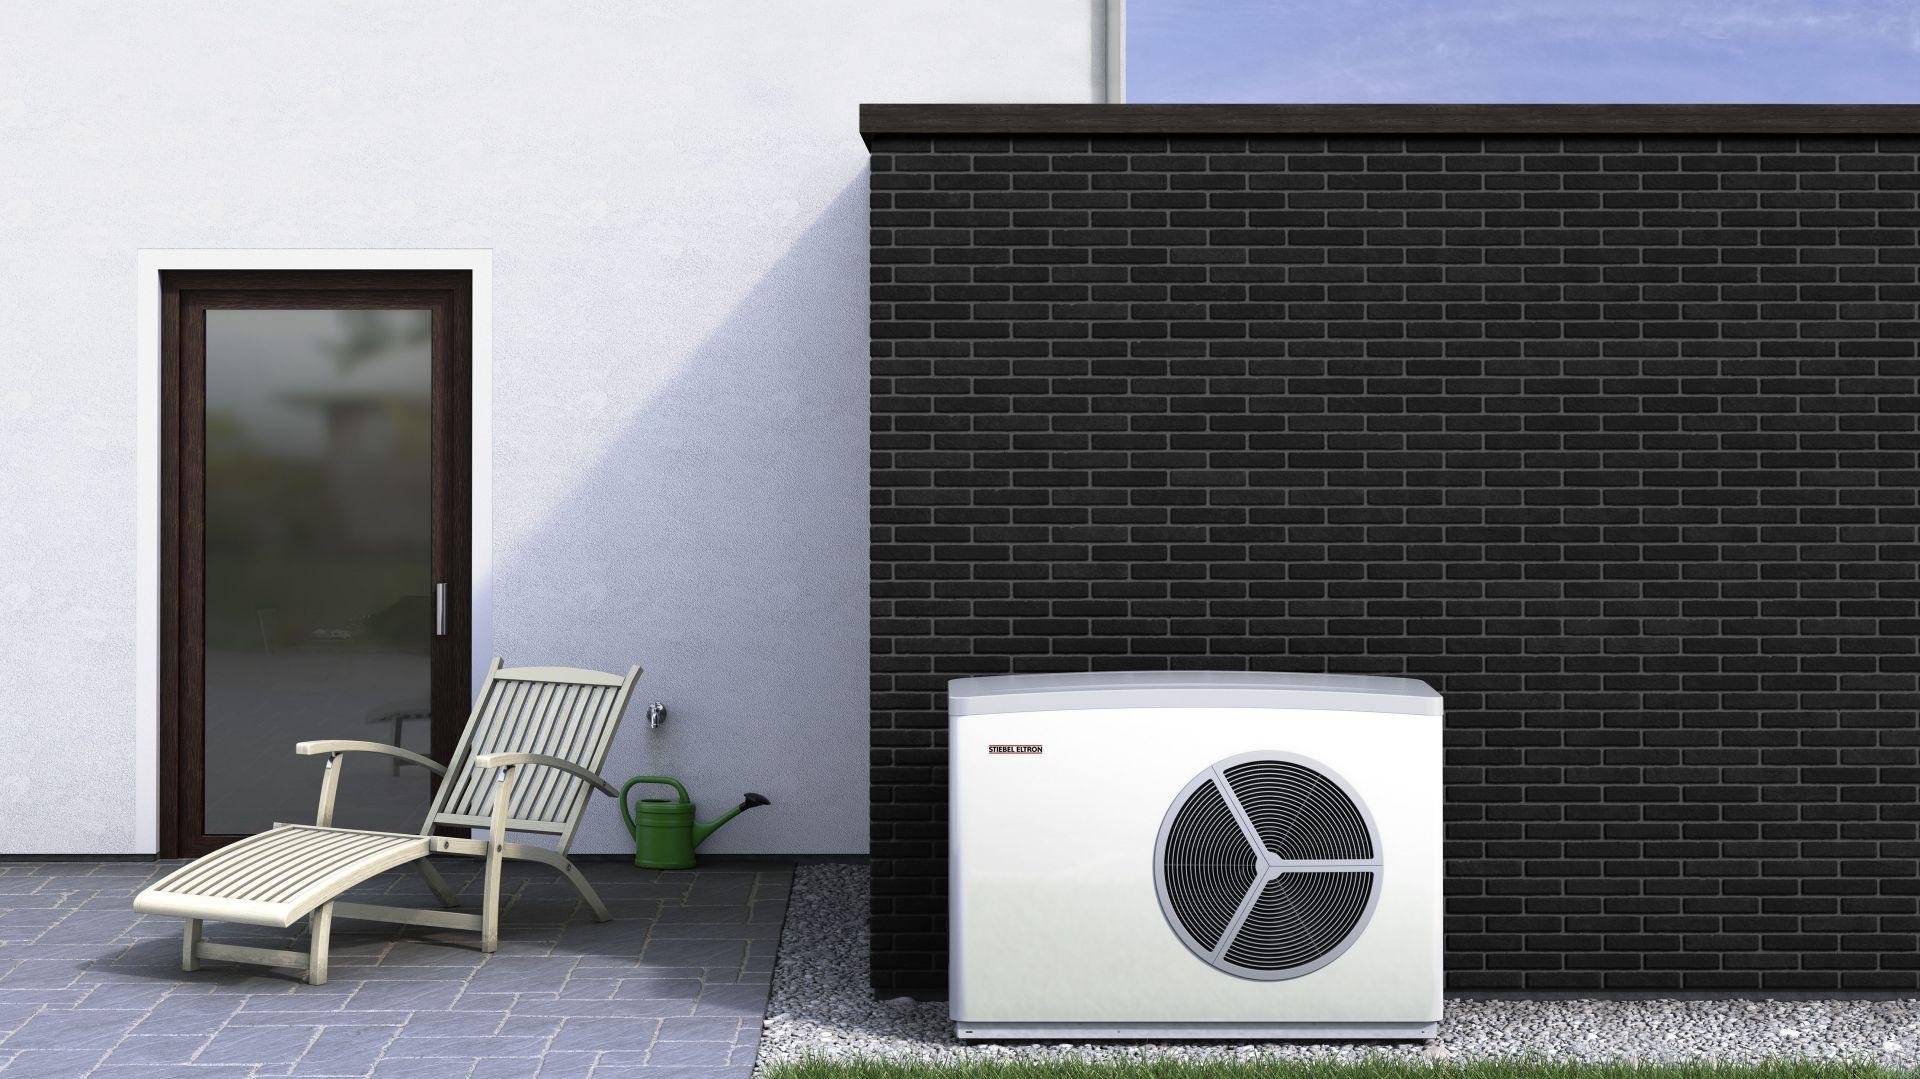 Pompa ciepła WPL 17 ACS Classic typu woda-powietrze to dobra alternatywa dla drogiego ogrzewania elektrycznego czy kotła węglowego. Fot. Stiebel Eltron